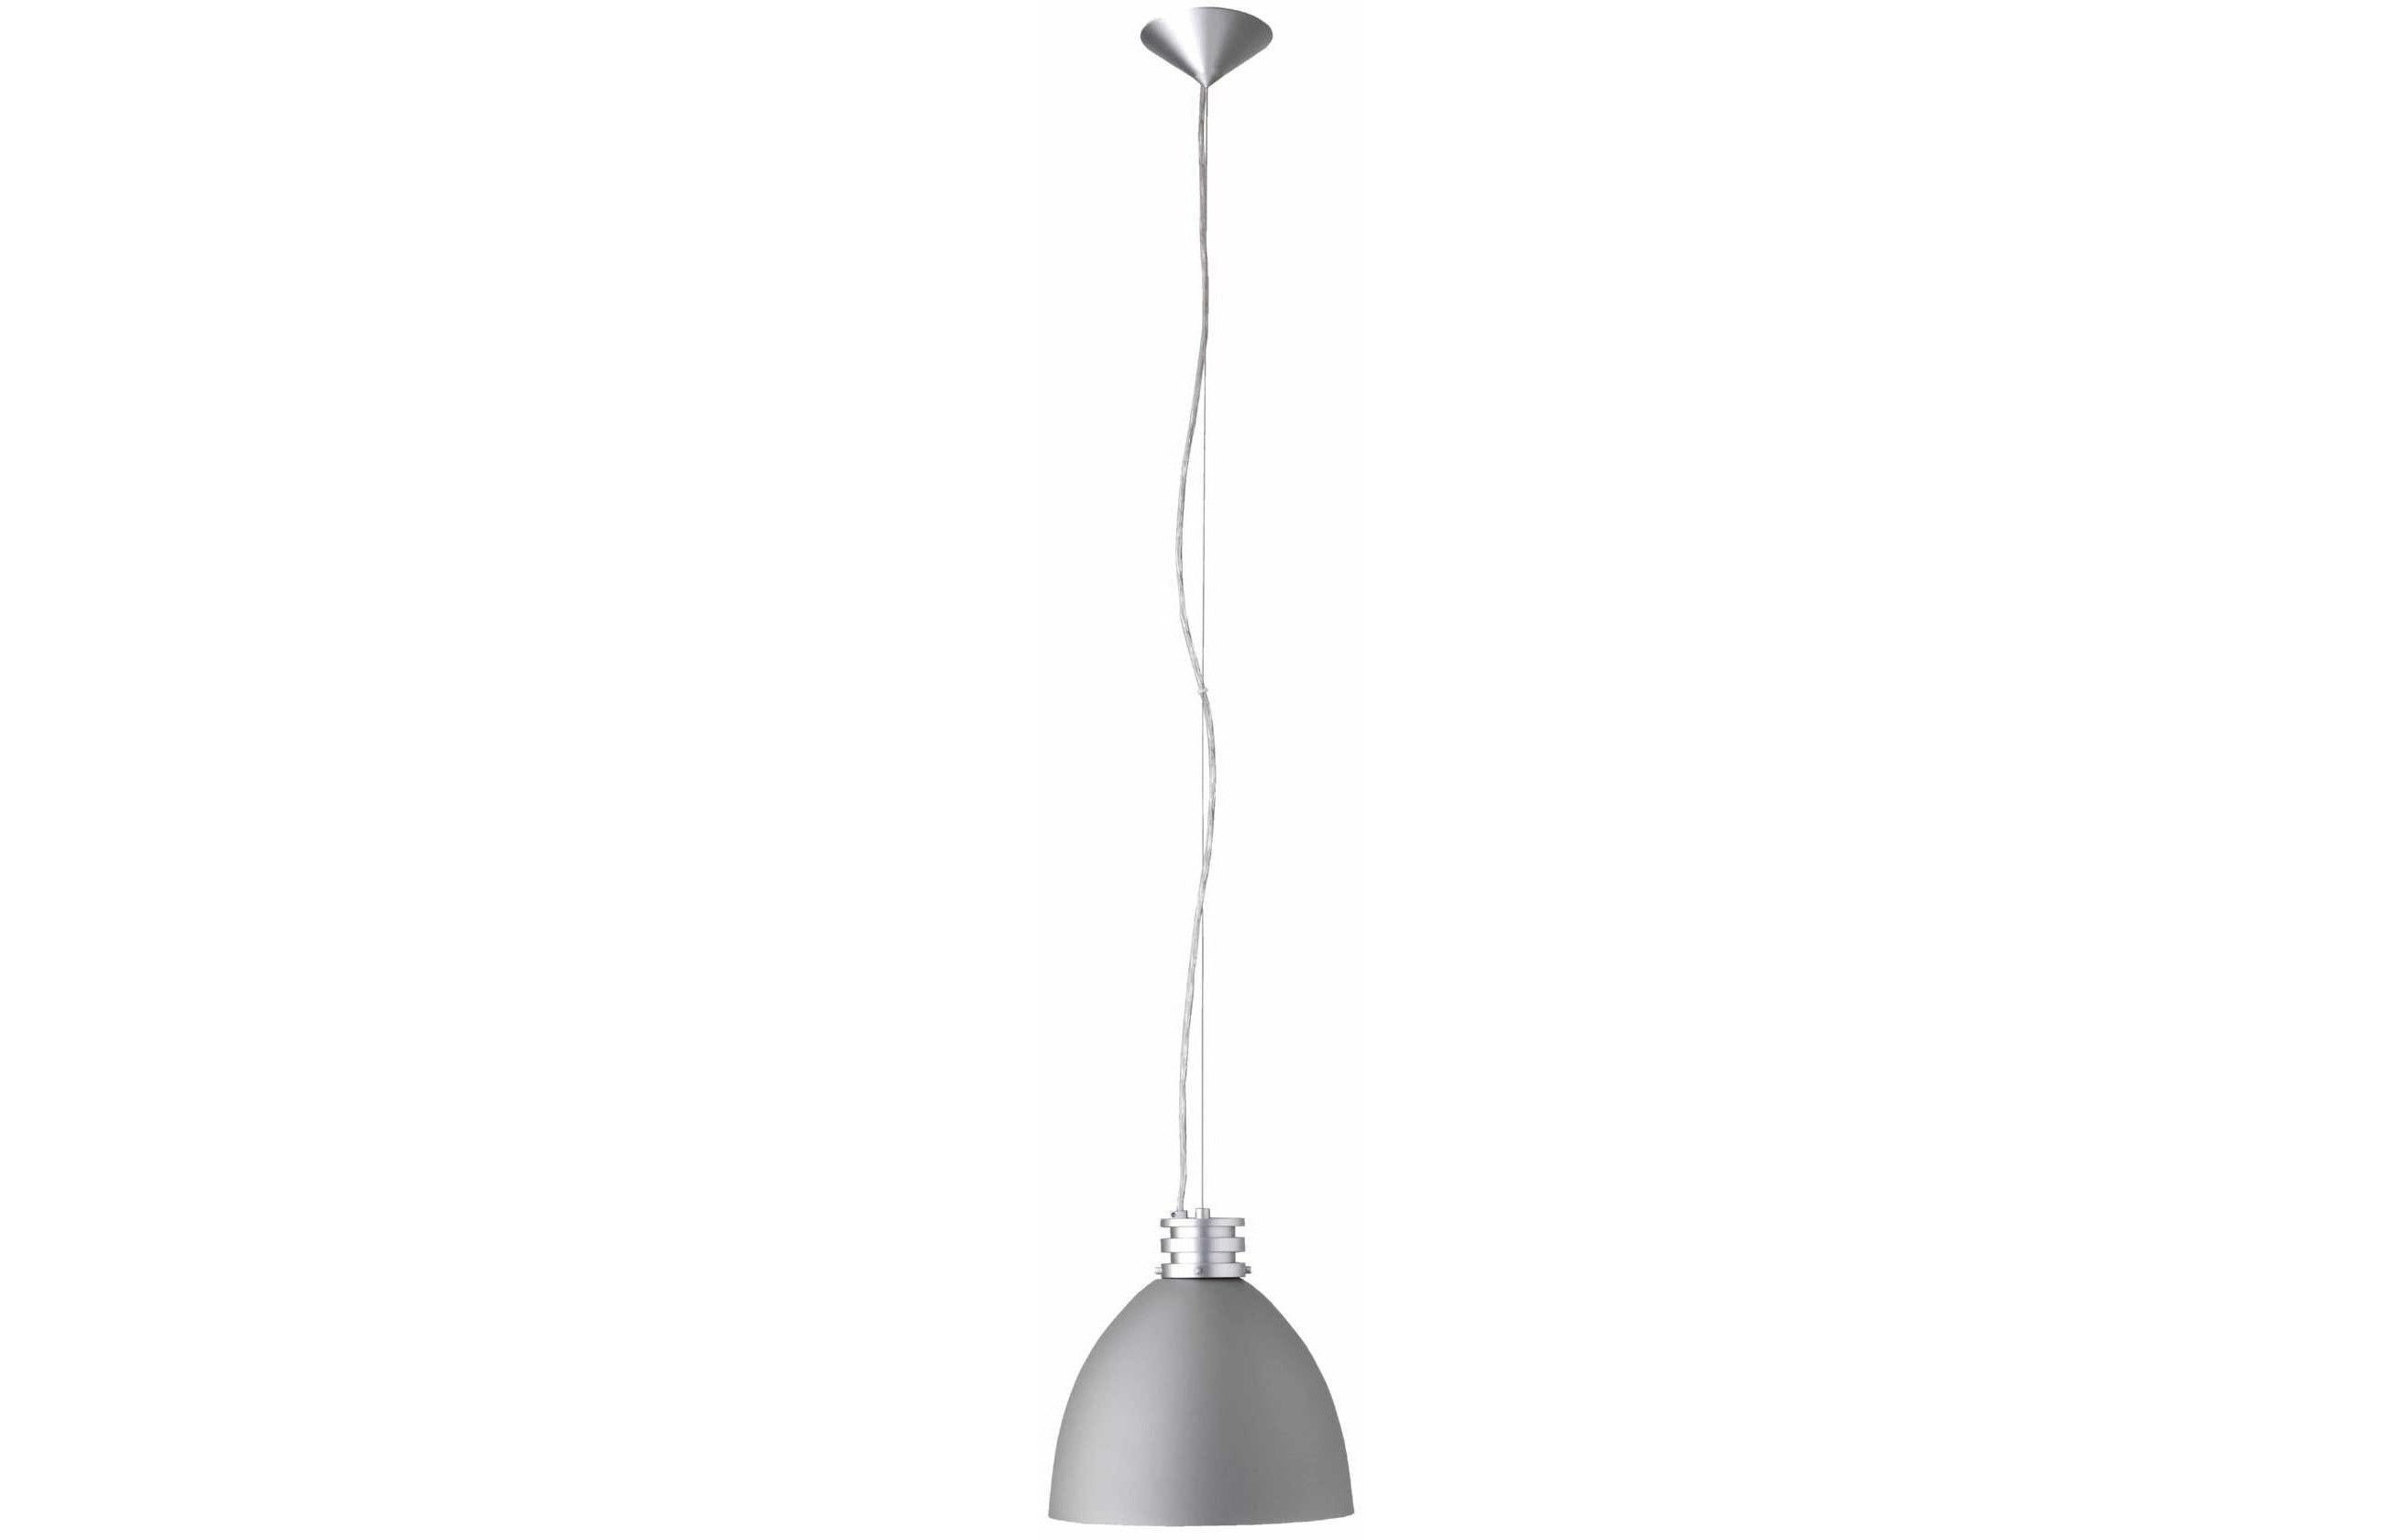 Светильник потолочный TiboПодвесные светильники<br>&amp;lt;div&amp;gt;Цоколь: E27&amp;lt;/div&amp;gt;&amp;lt;div&amp;gt;Мощность лампы: 75W&amp;lt;/div&amp;gt;&amp;lt;div&amp;gt;Количество ламп: 1&amp;amp;nbsp;&amp;lt;/div&amp;gt;&amp;lt;div&amp;gt;Наличие ламп: отсутствуют&amp;lt;/div&amp;gt;&amp;lt;div&amp;gt;&amp;lt;br&amp;gt;&amp;lt;/div&amp;gt;<br><br>Material: Пластик<br>Height см: 125<br>Diameter см: 25,5